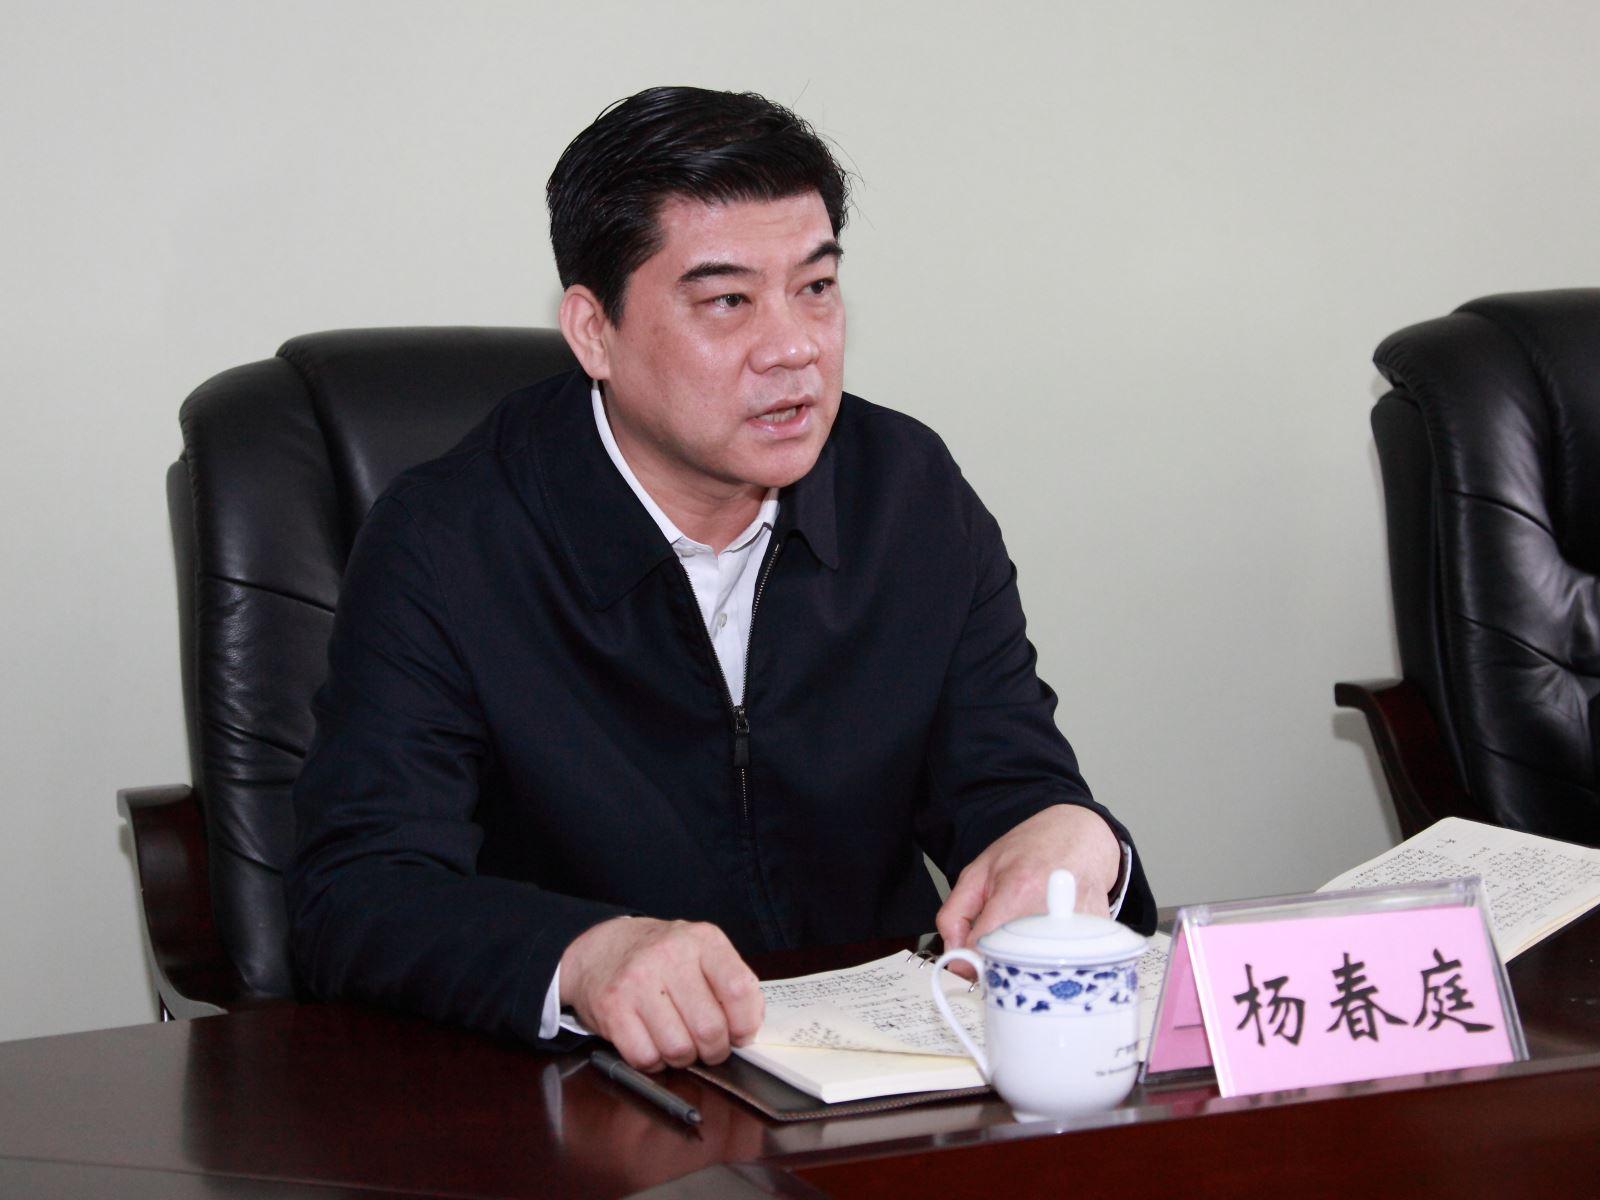 杨春庭担任自治区投资促进局局长、党组书记.JPG